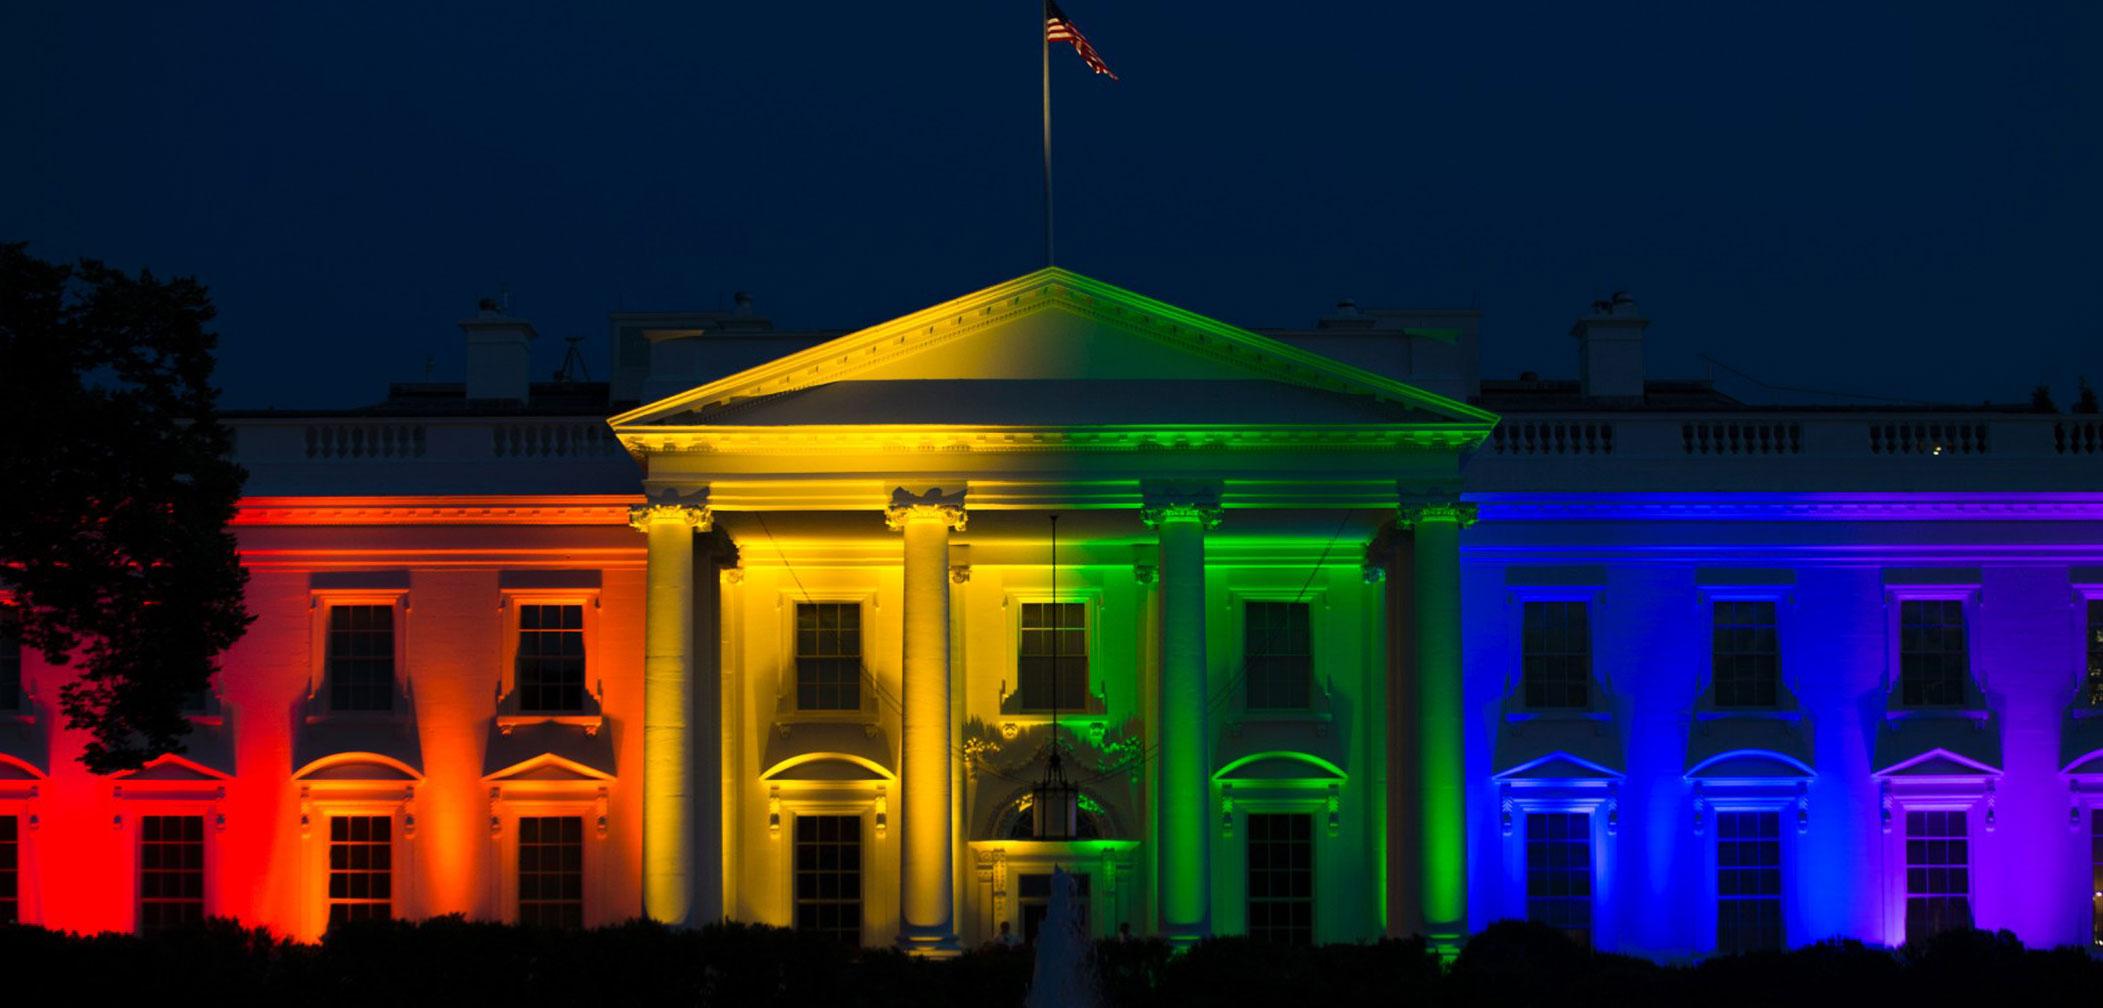 La page sur les droits LGBT a été supprimée du site web de la Maison Blanche